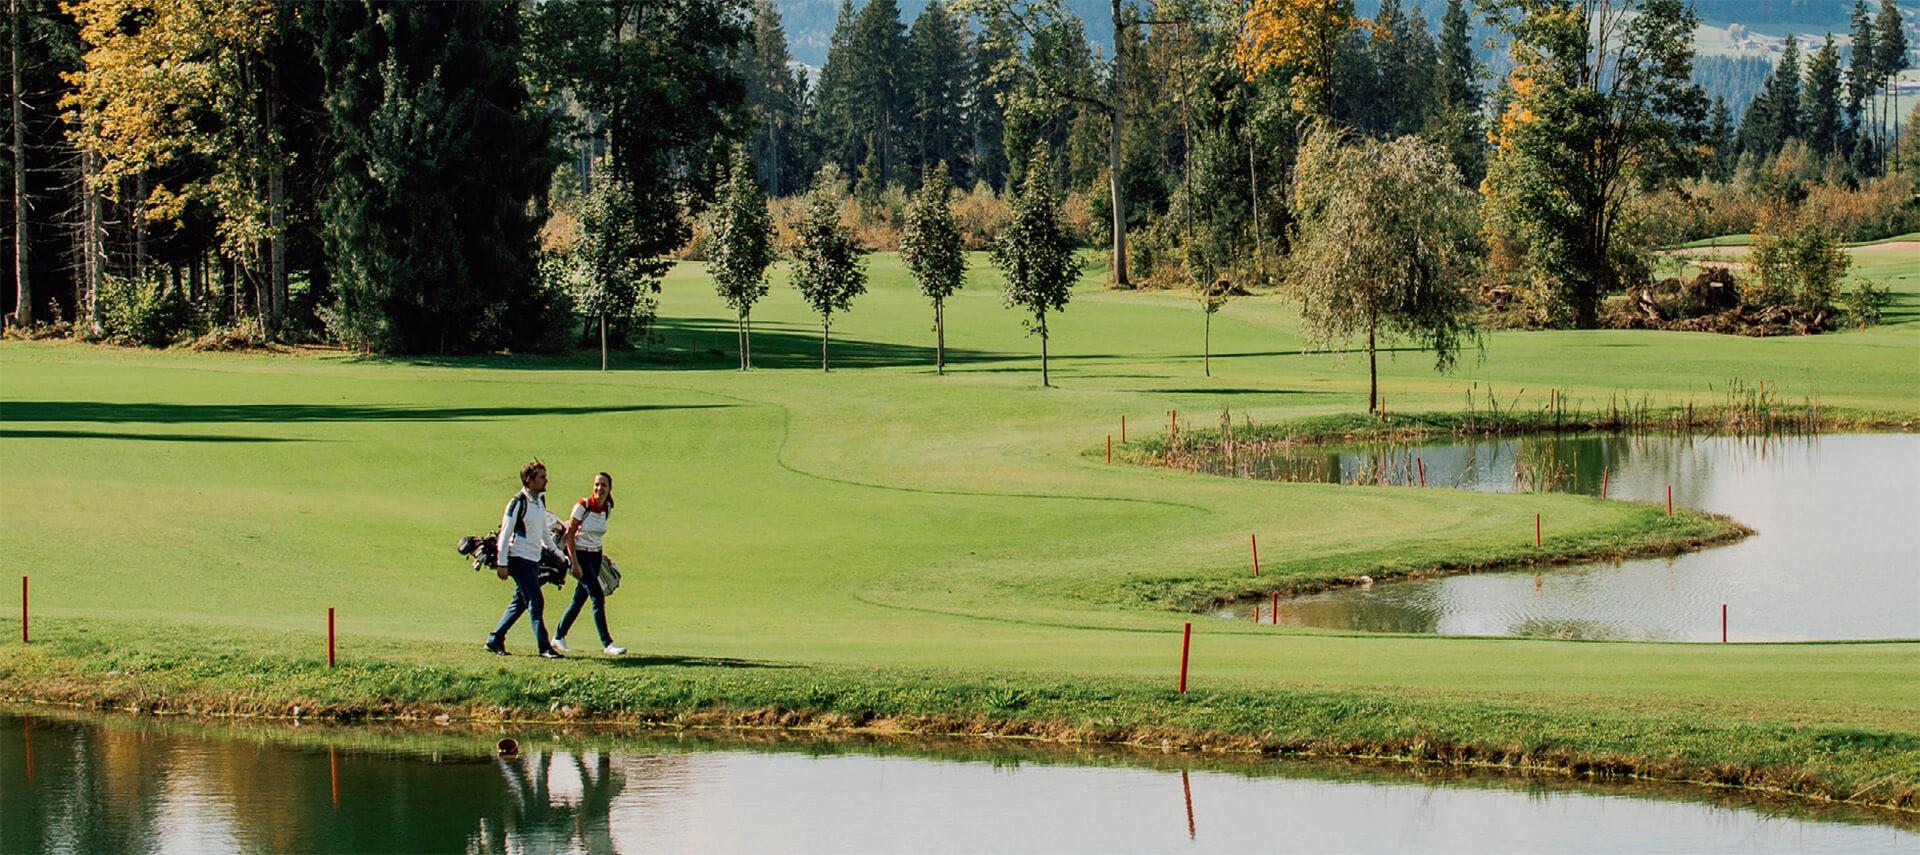 1 - GolfClub Westendorf - 2021-04